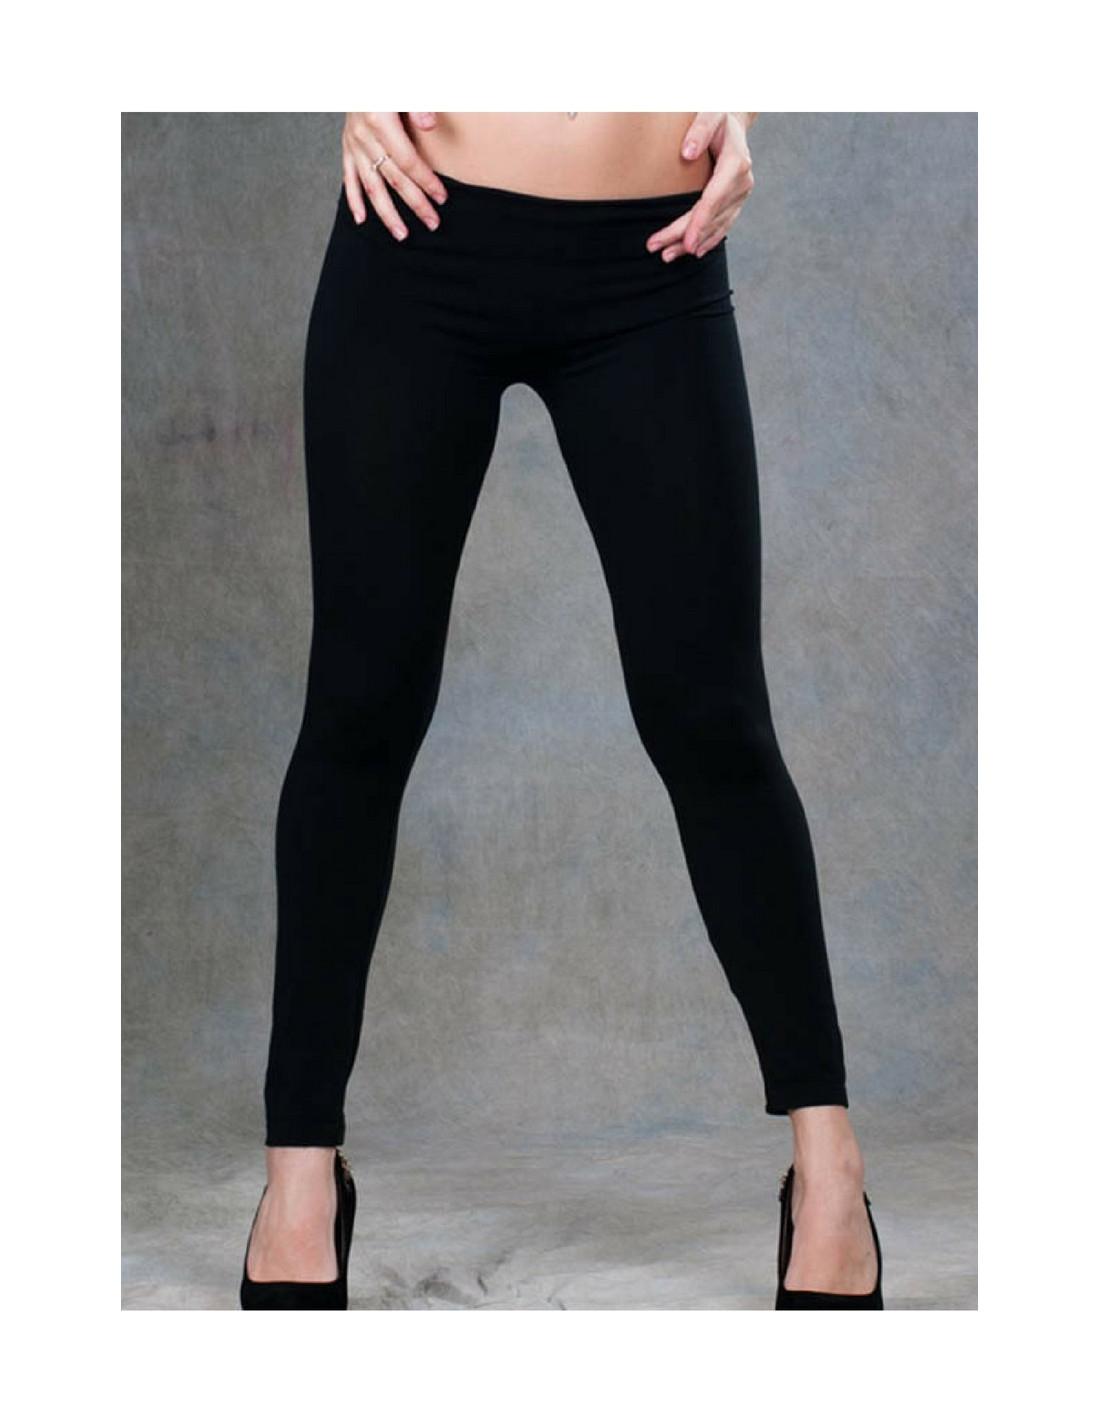 All Black Leggings